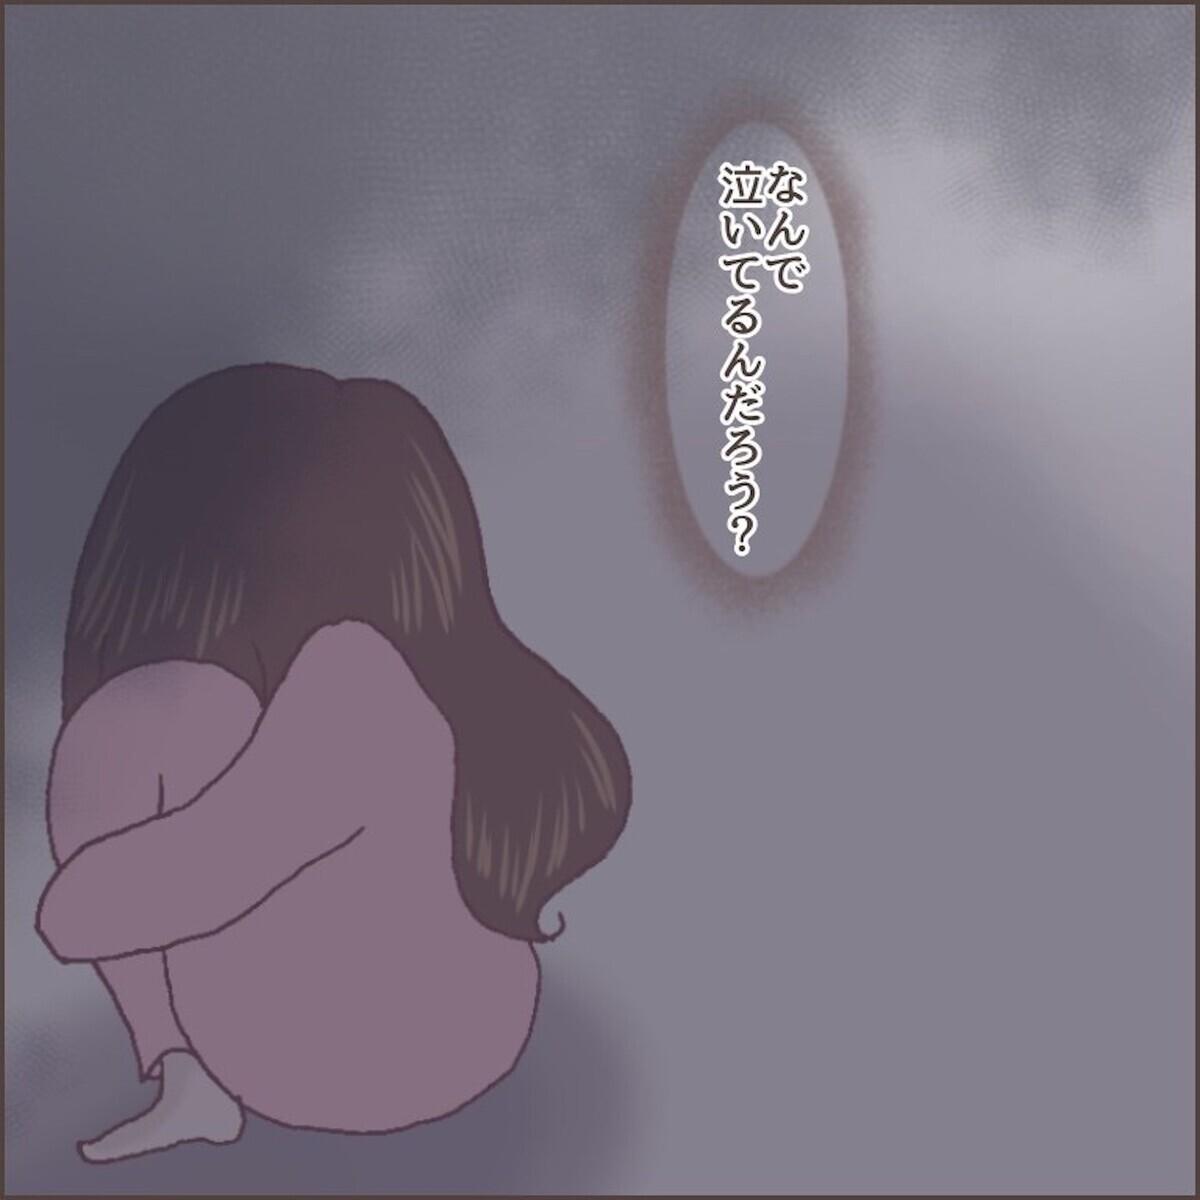 「母親失格」の幻聴に悩まされ、とうとう倒れてしまう…!【育児ノイローゼになった話 Vol.11】